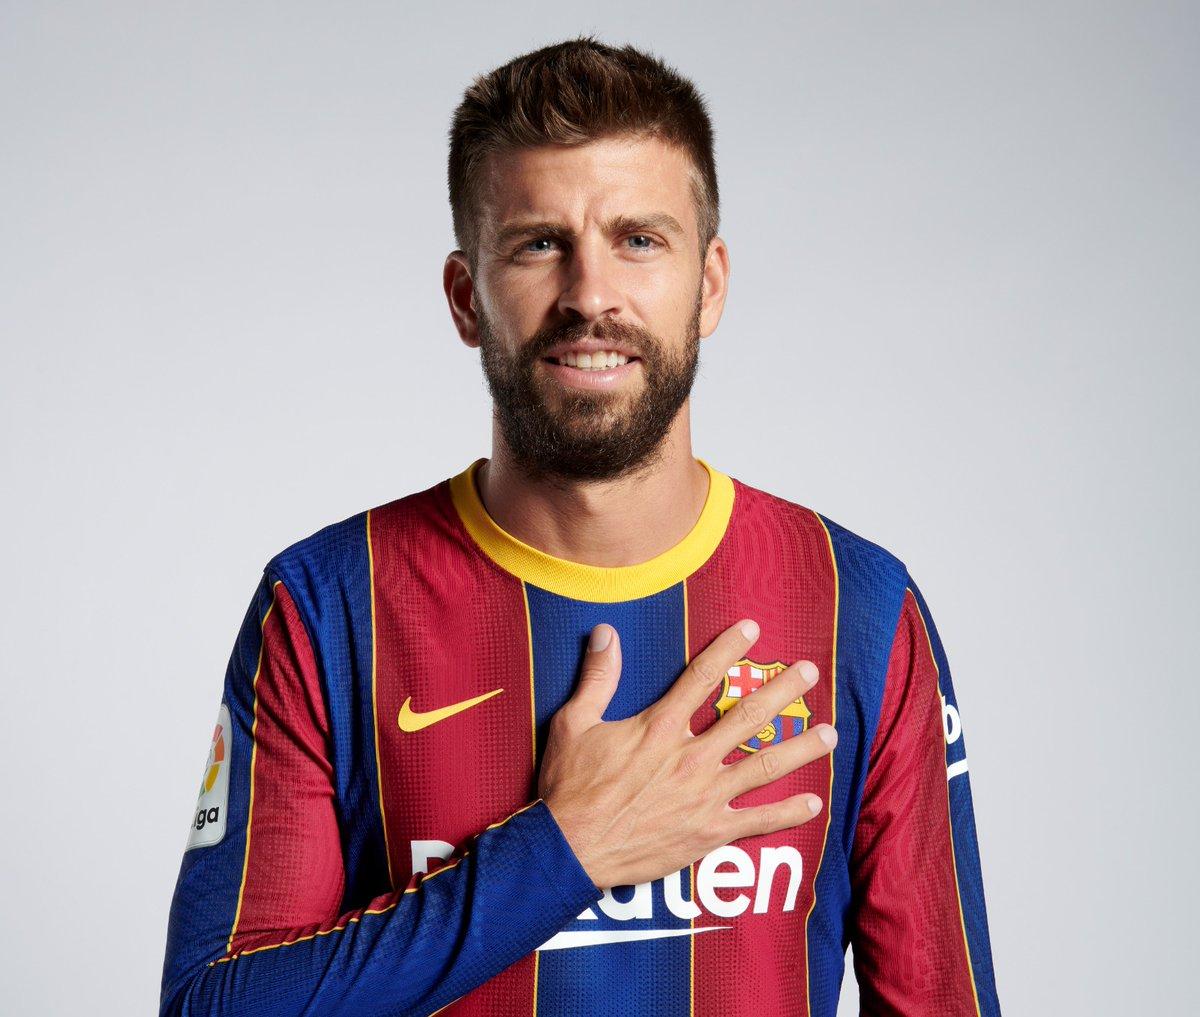 RT @FCBarcelona_es: Muchos ánimos y buena recuperación, @3gerardpique 💪💙❤️ https://t.co/Qkq7YdWBOg